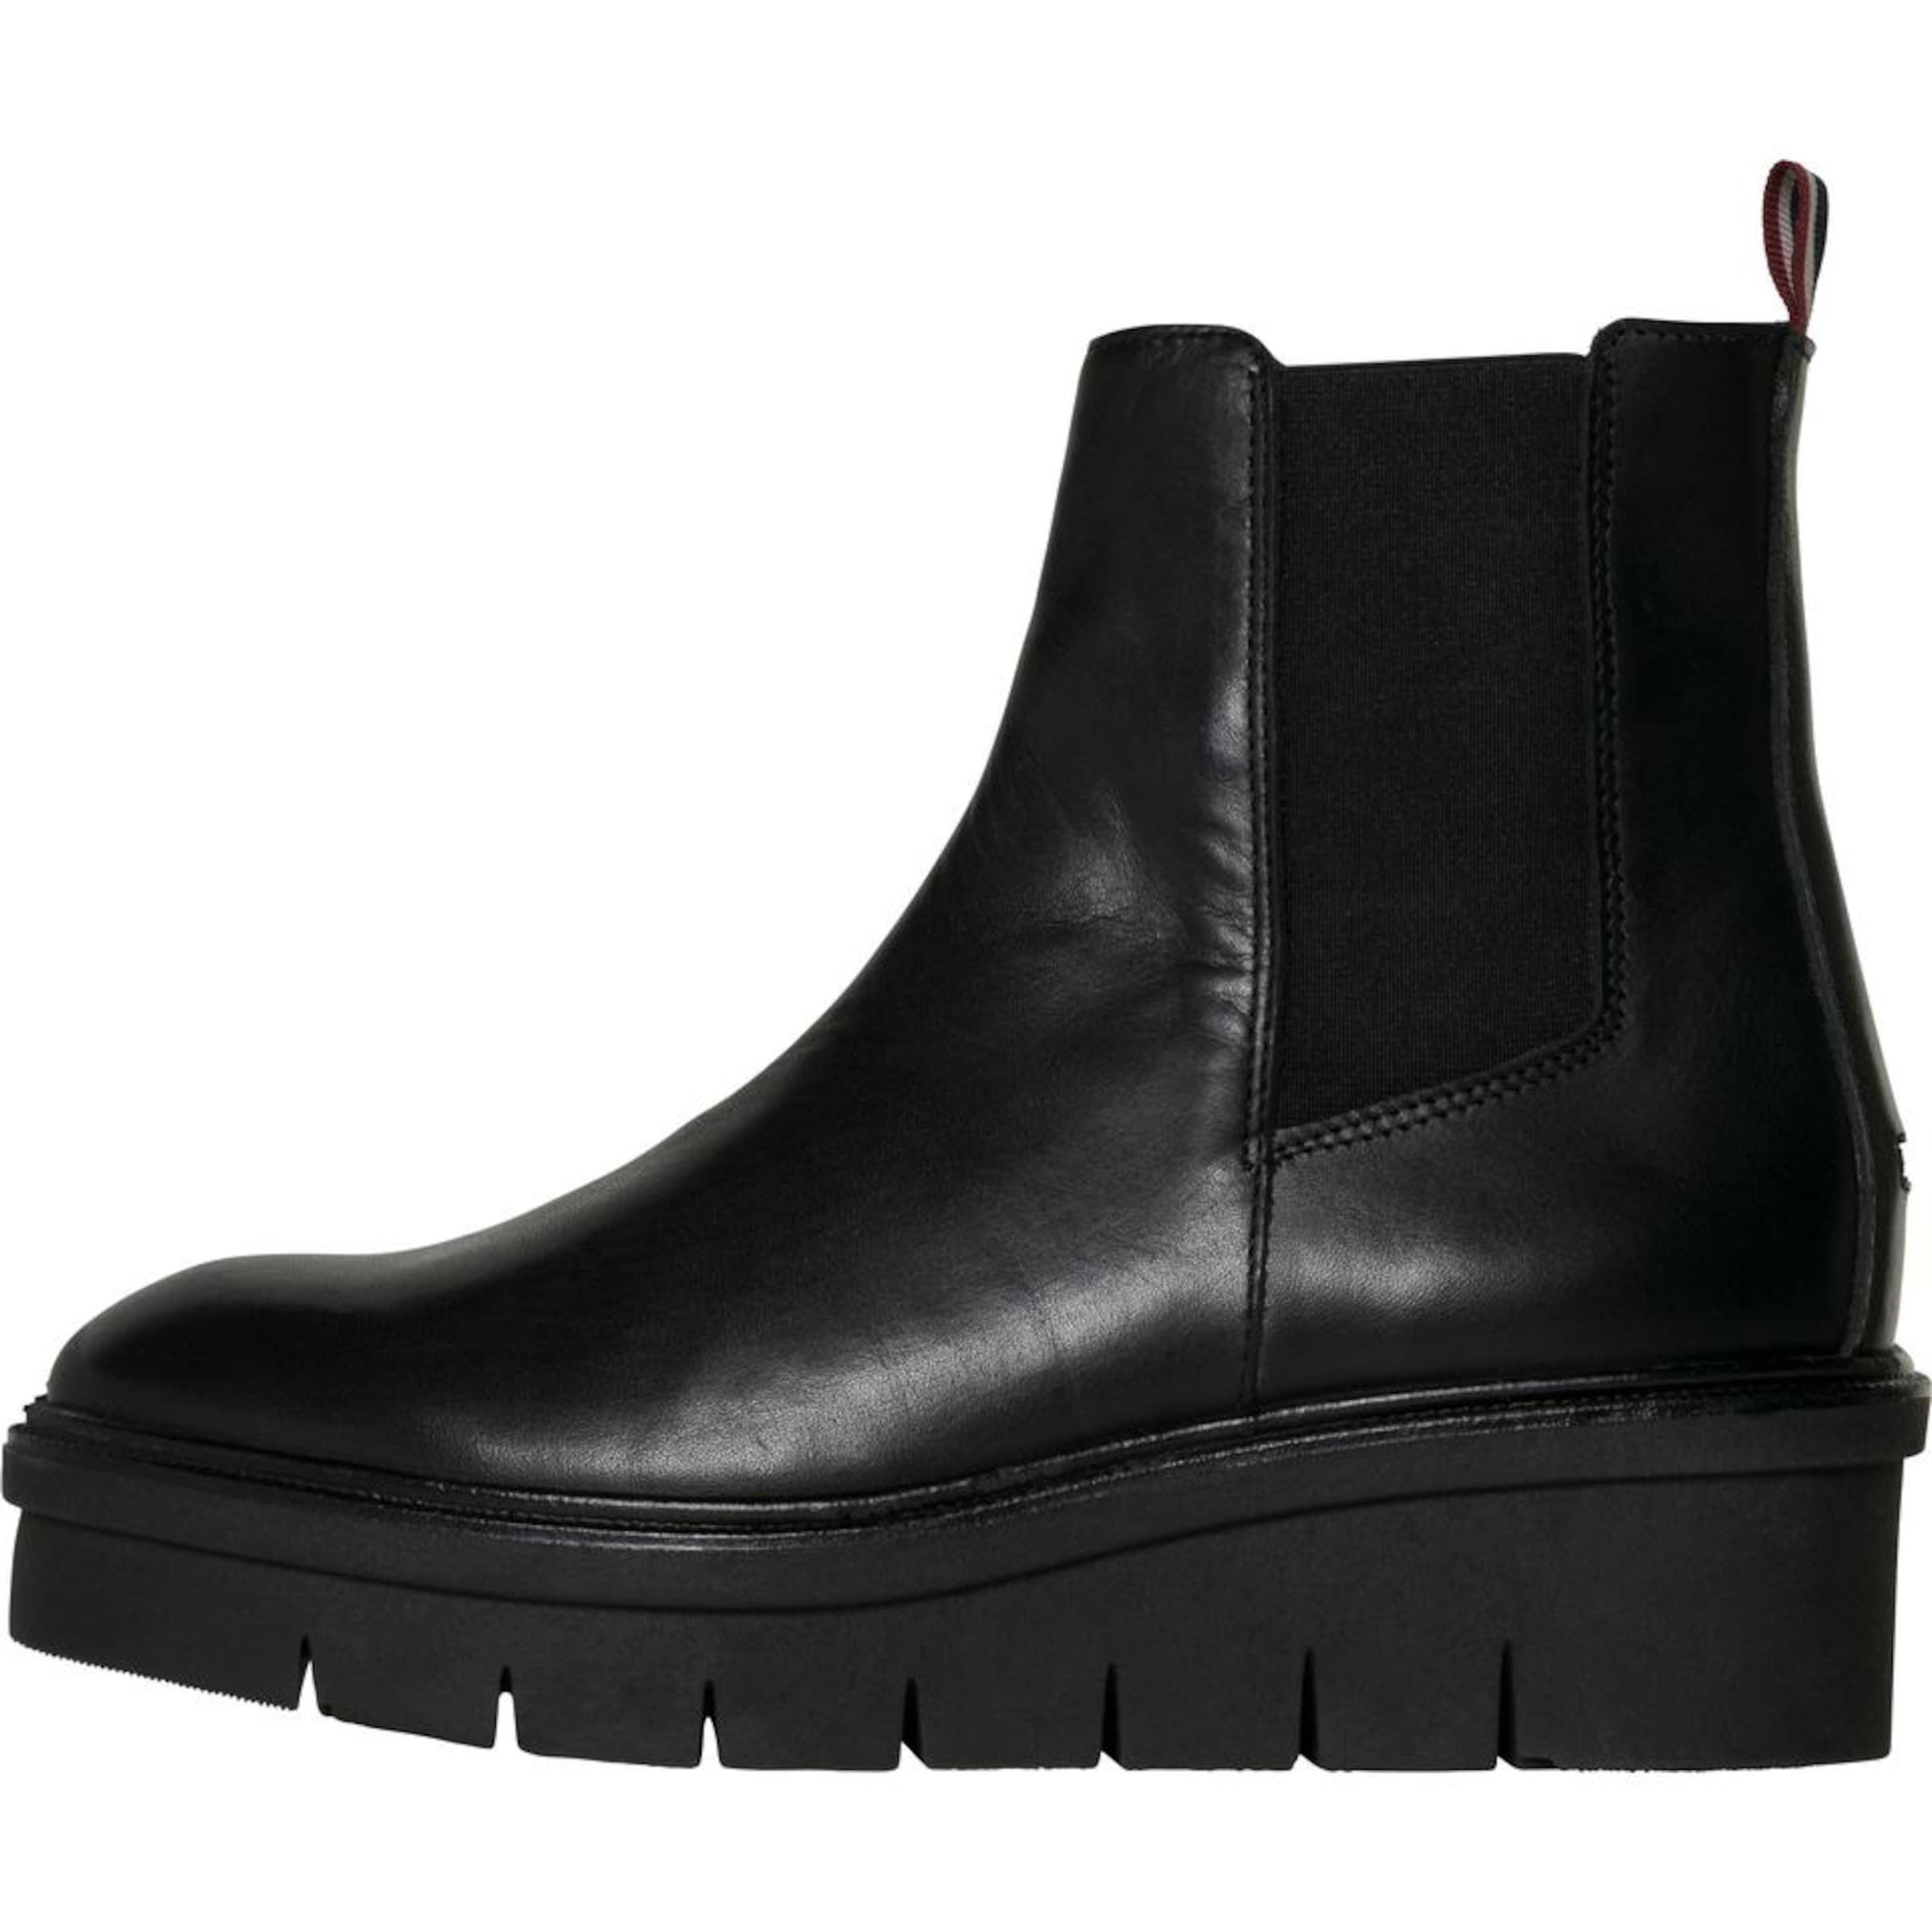 TOMMY HILFIGER Boot D1385EENA 2A Hohe Qualität